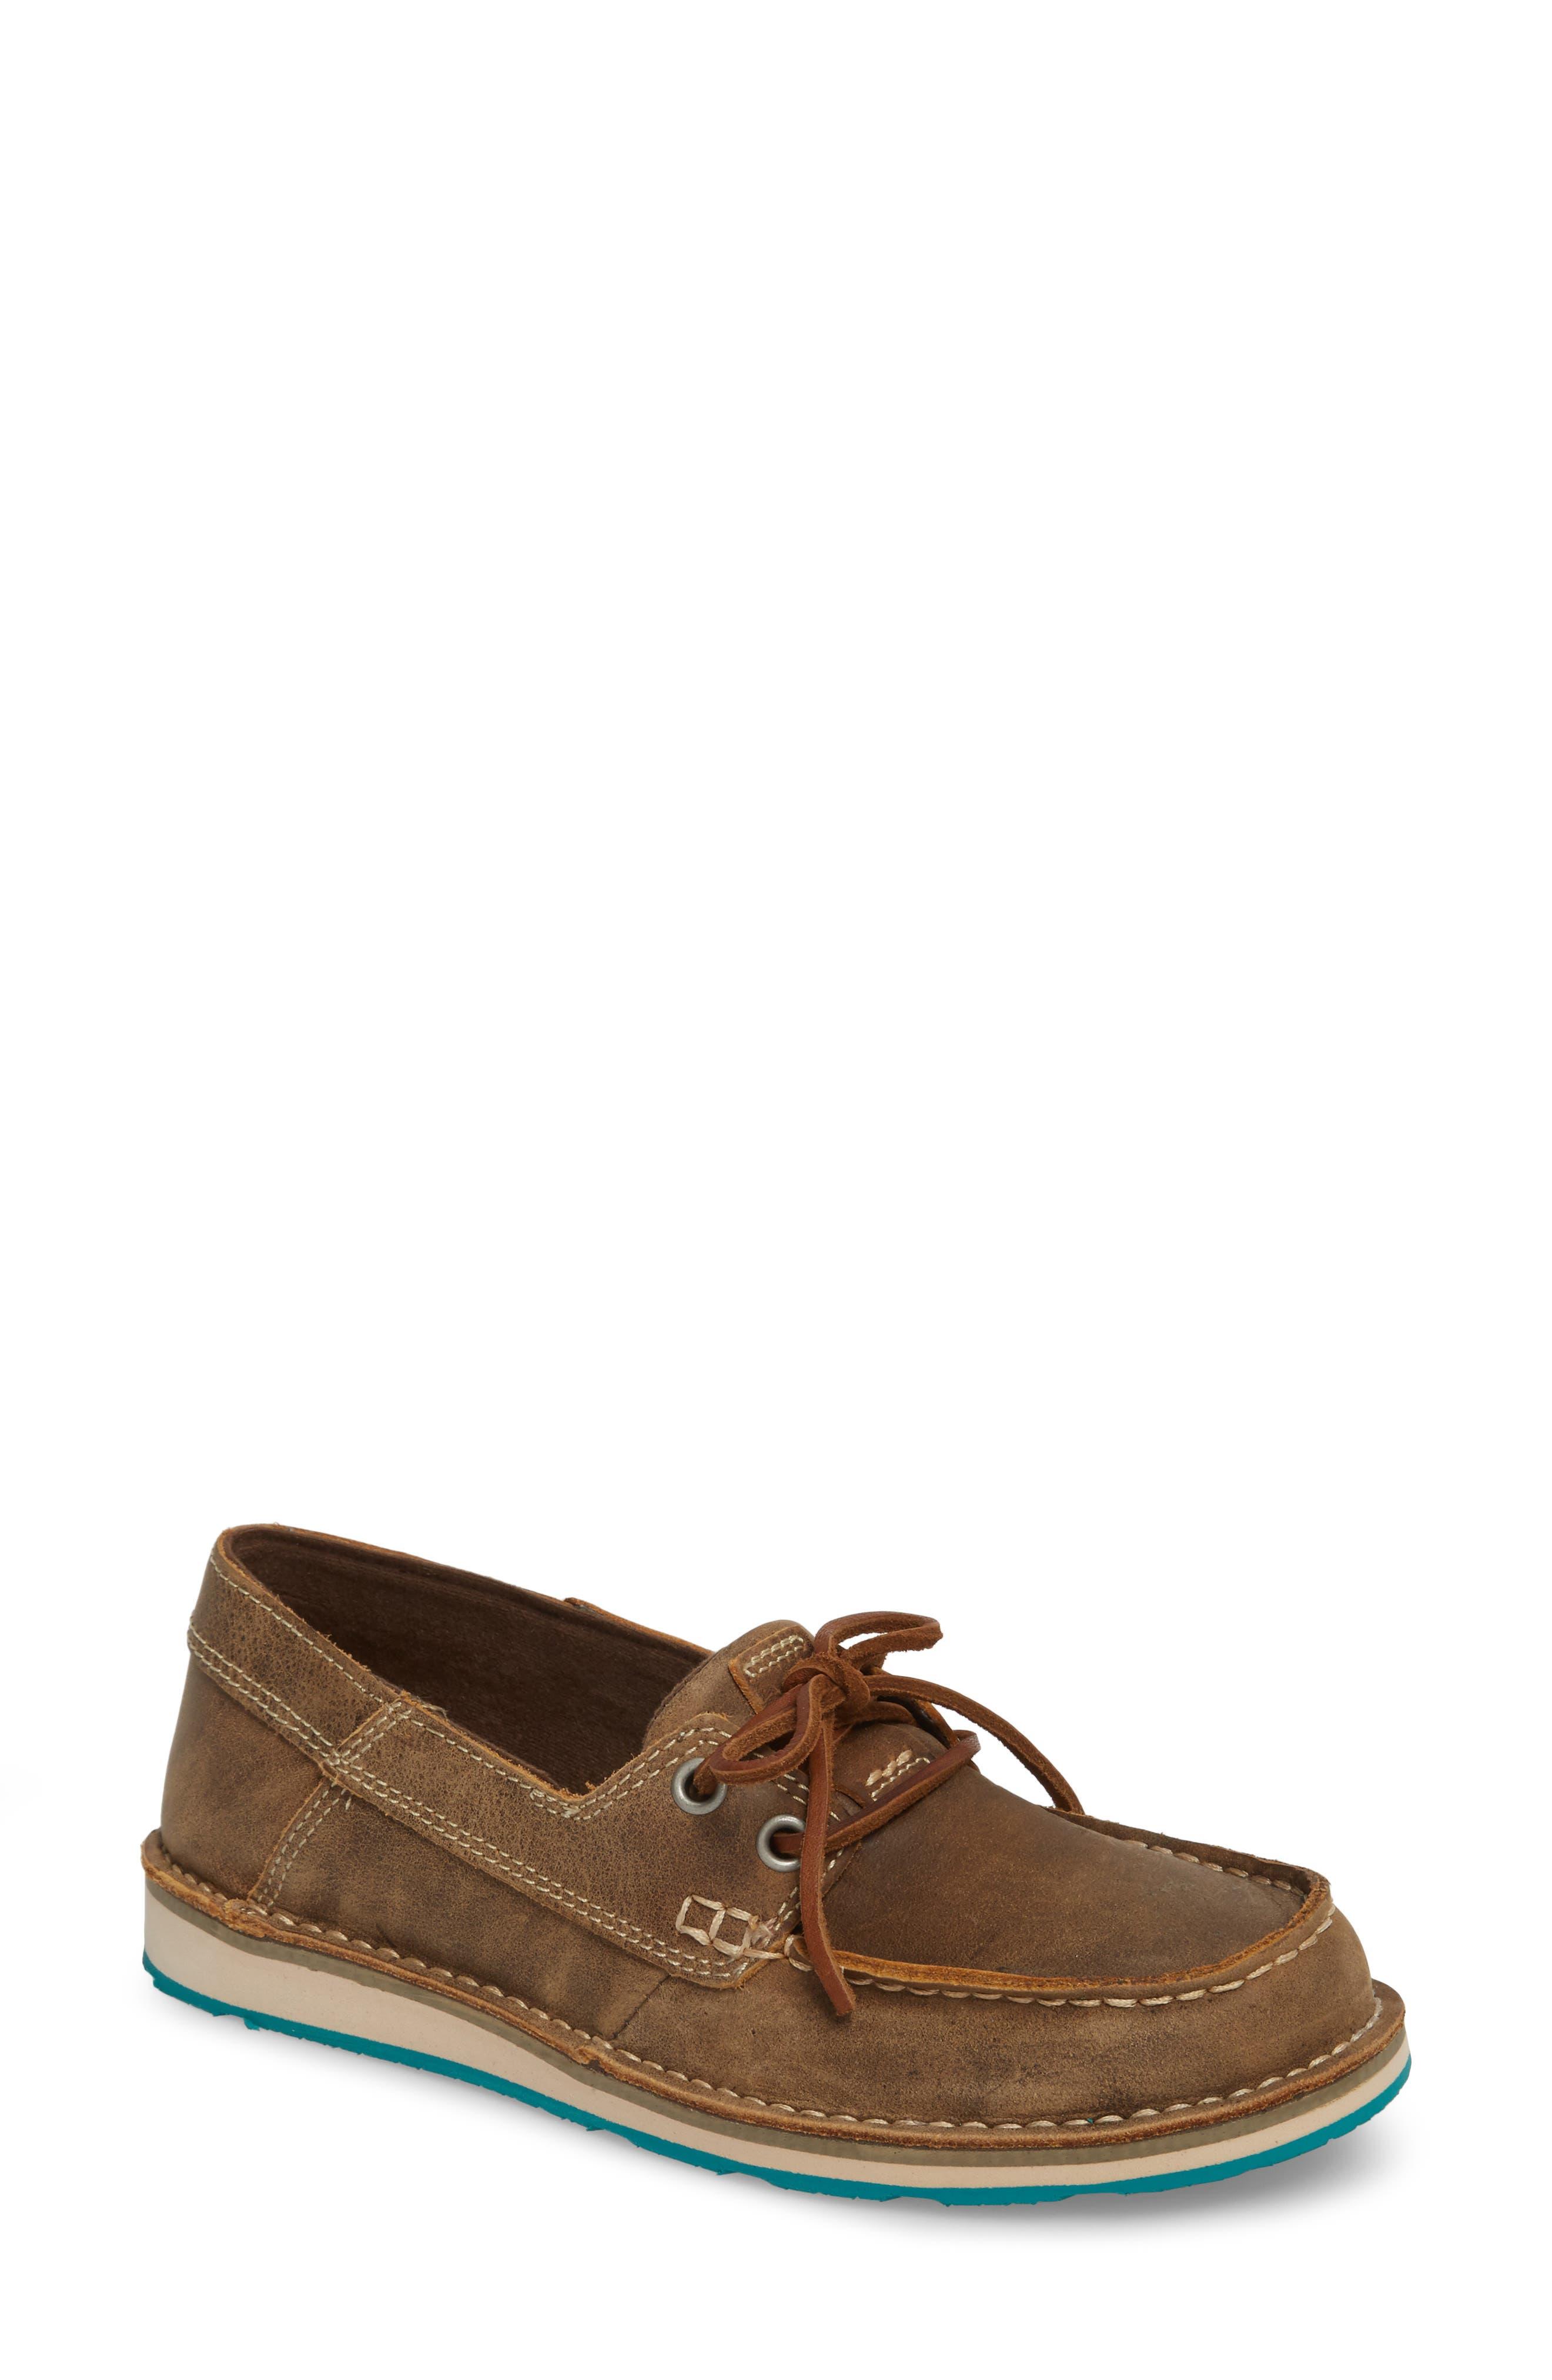 Ariat Cruiser Castaway Loafer, Brown